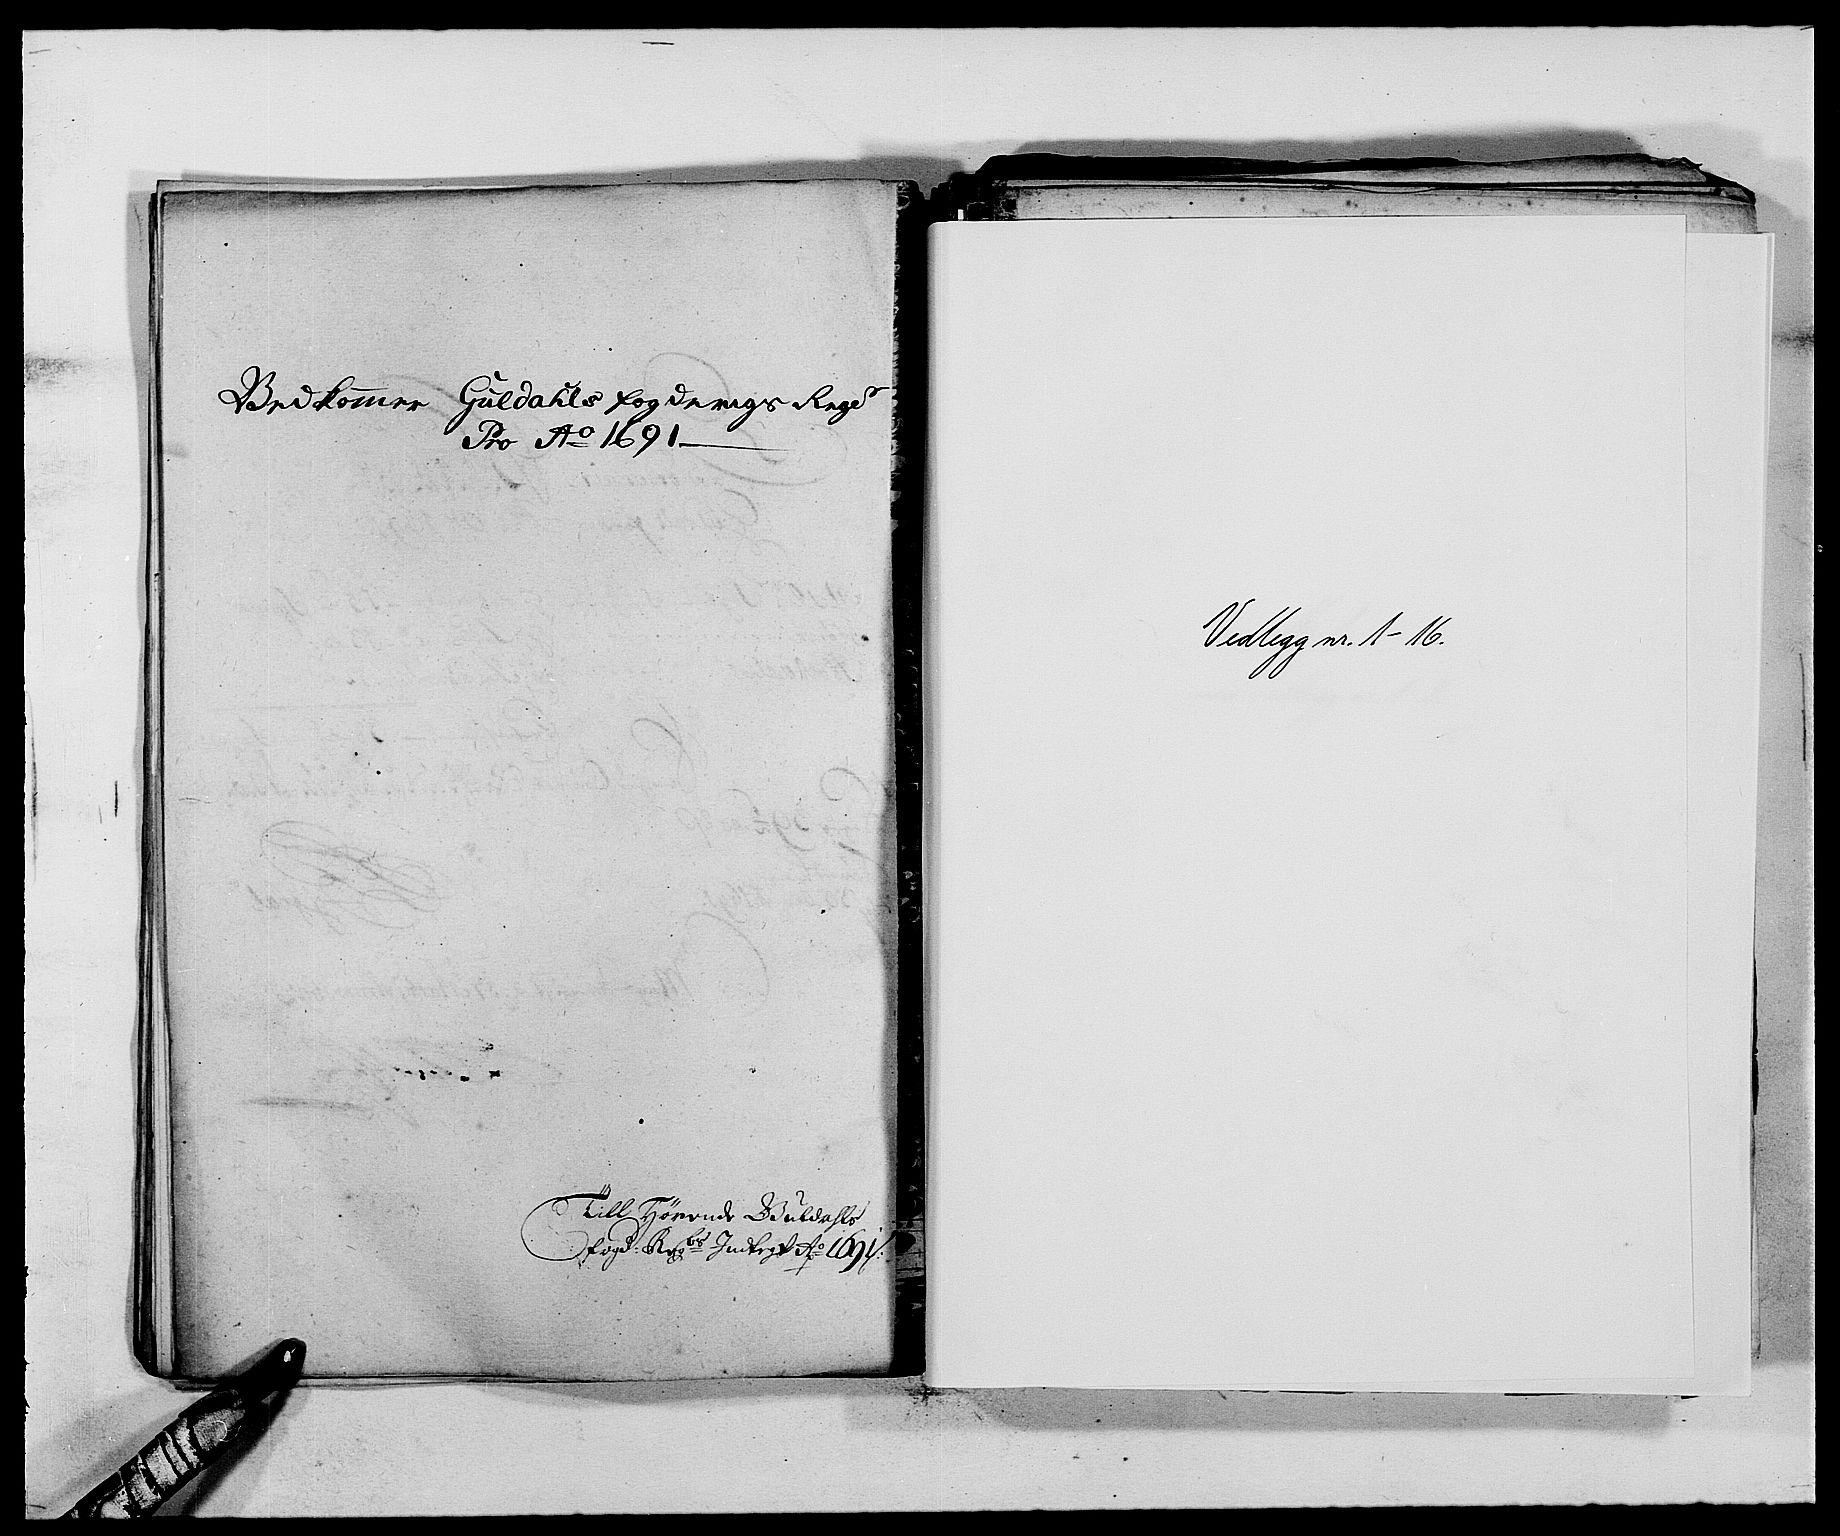 RA, Rentekammeret inntil 1814, Reviderte regnskaper, Fogderegnskap, R59/L3941: Fogderegnskap Gauldal, 1691, s. 159